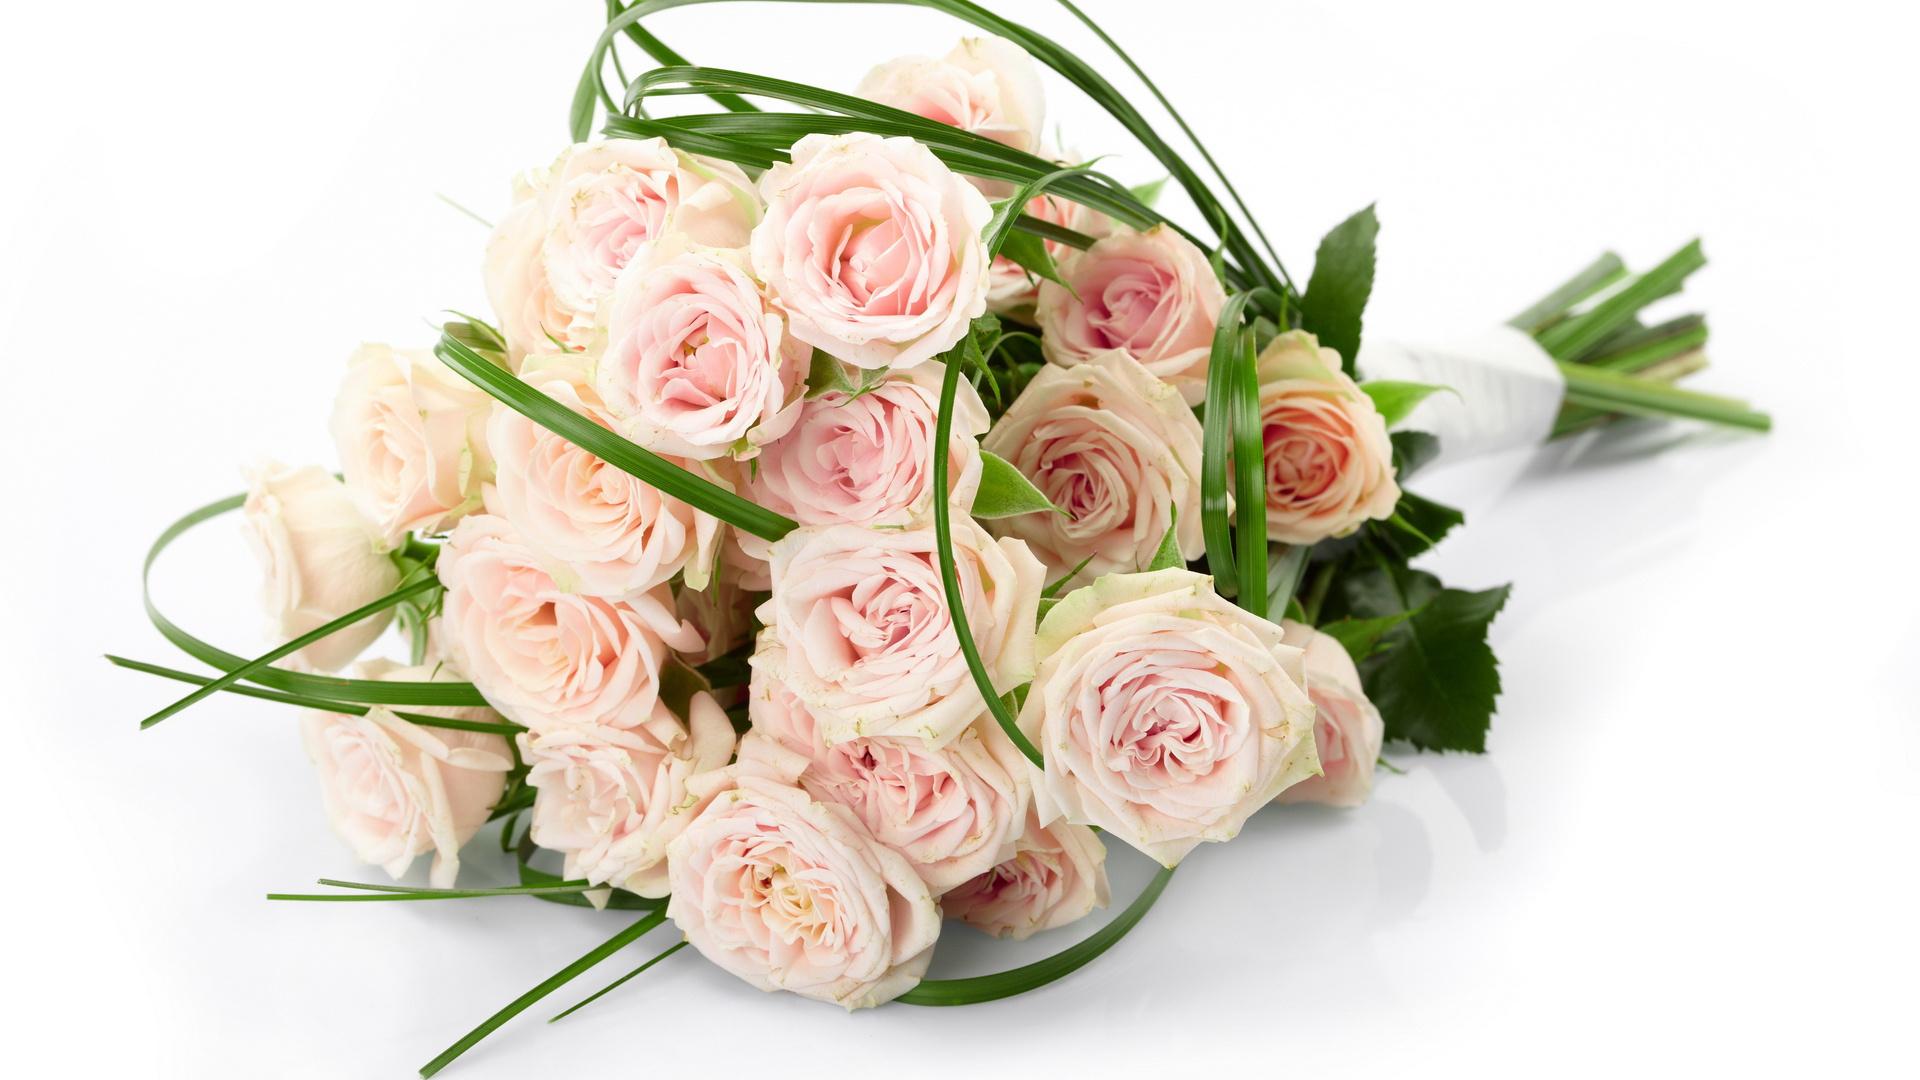 Картинки, с днем рождения женщине открытки с розами белыми или розовые